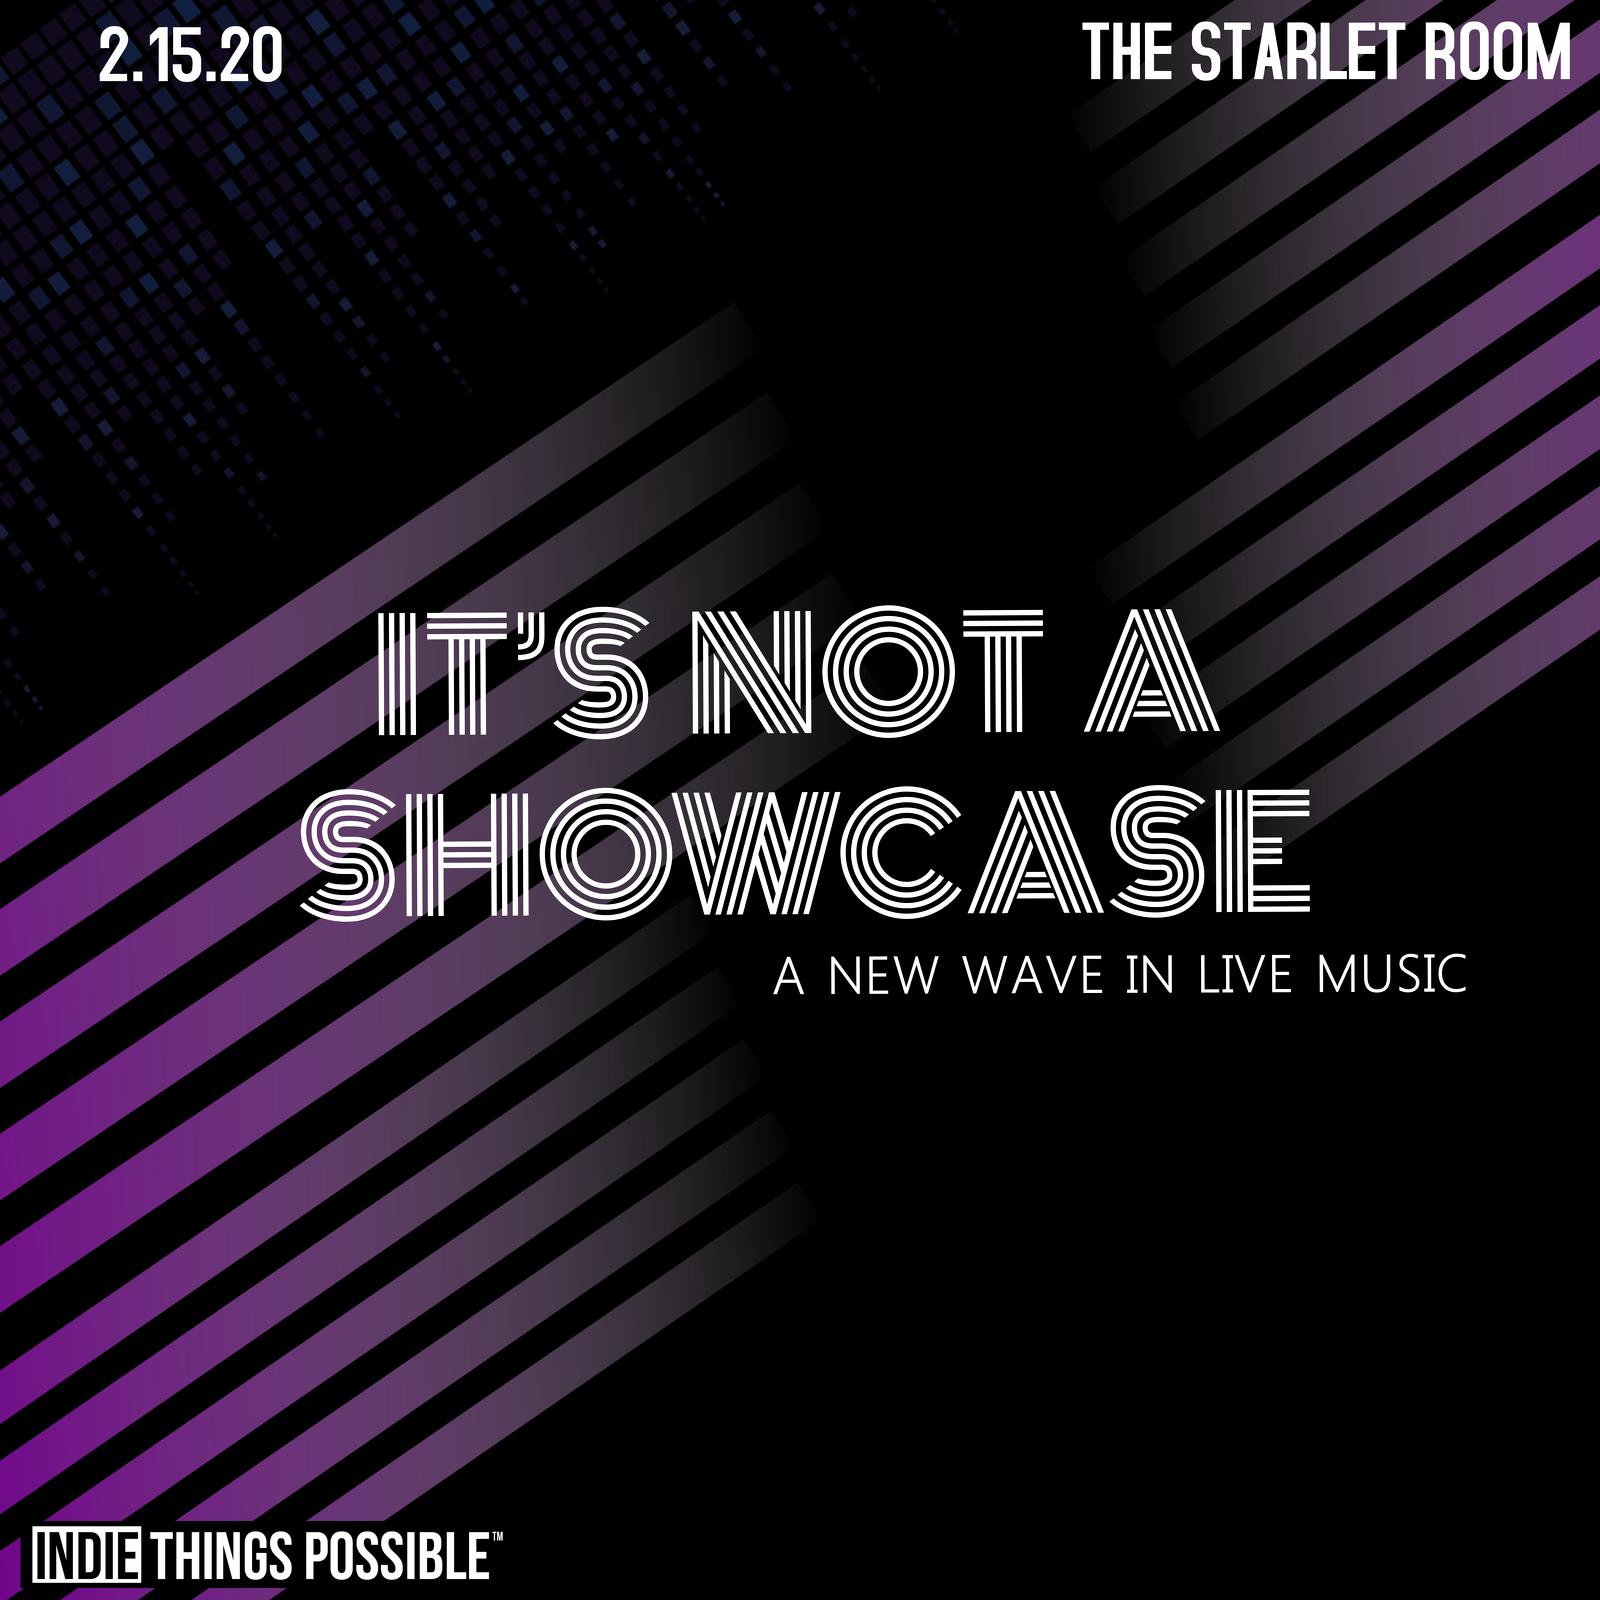 It's Not a Showcase